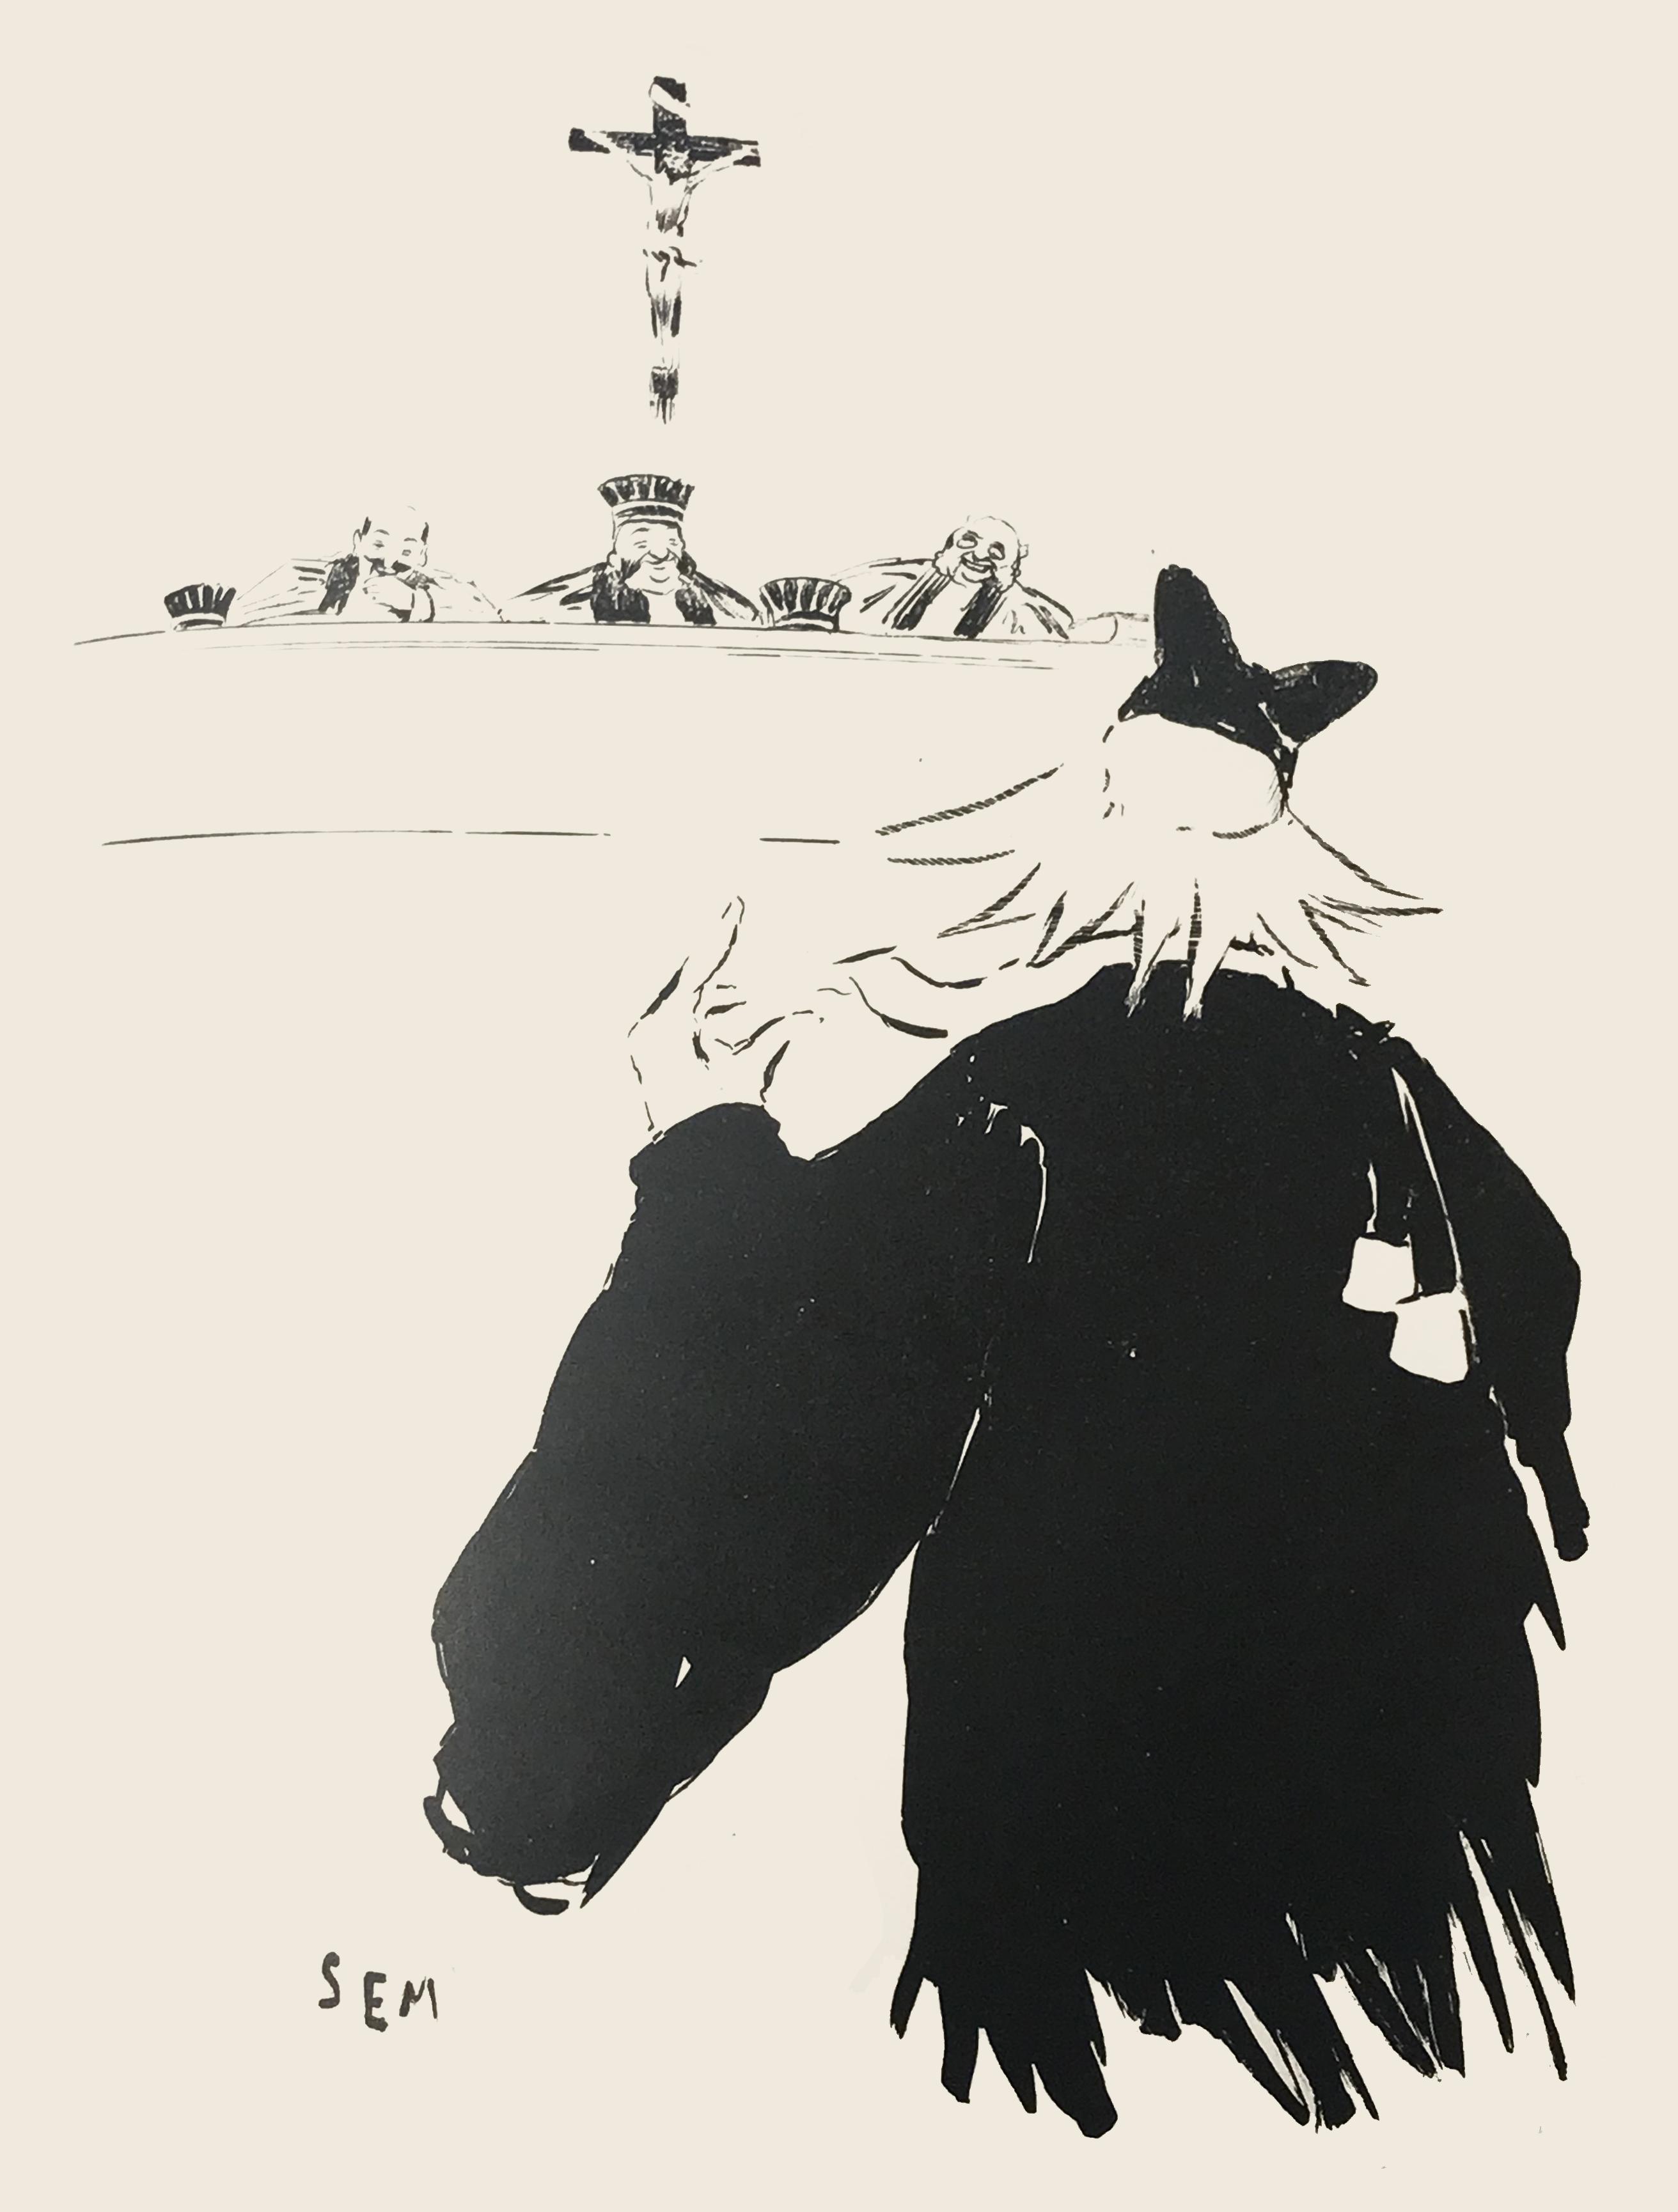 Sem Goursat Album 6 - Planche n.16